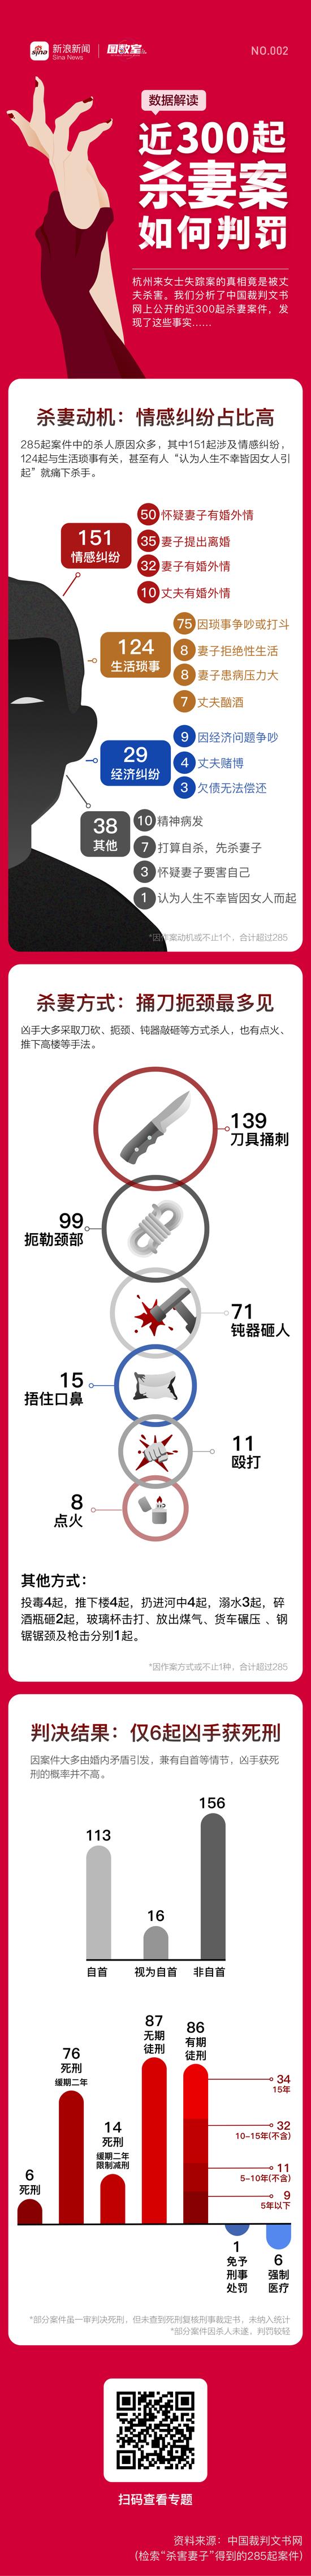 [赢咖3]据解读近300起杀妻案如何判罚丨赢咖3图片